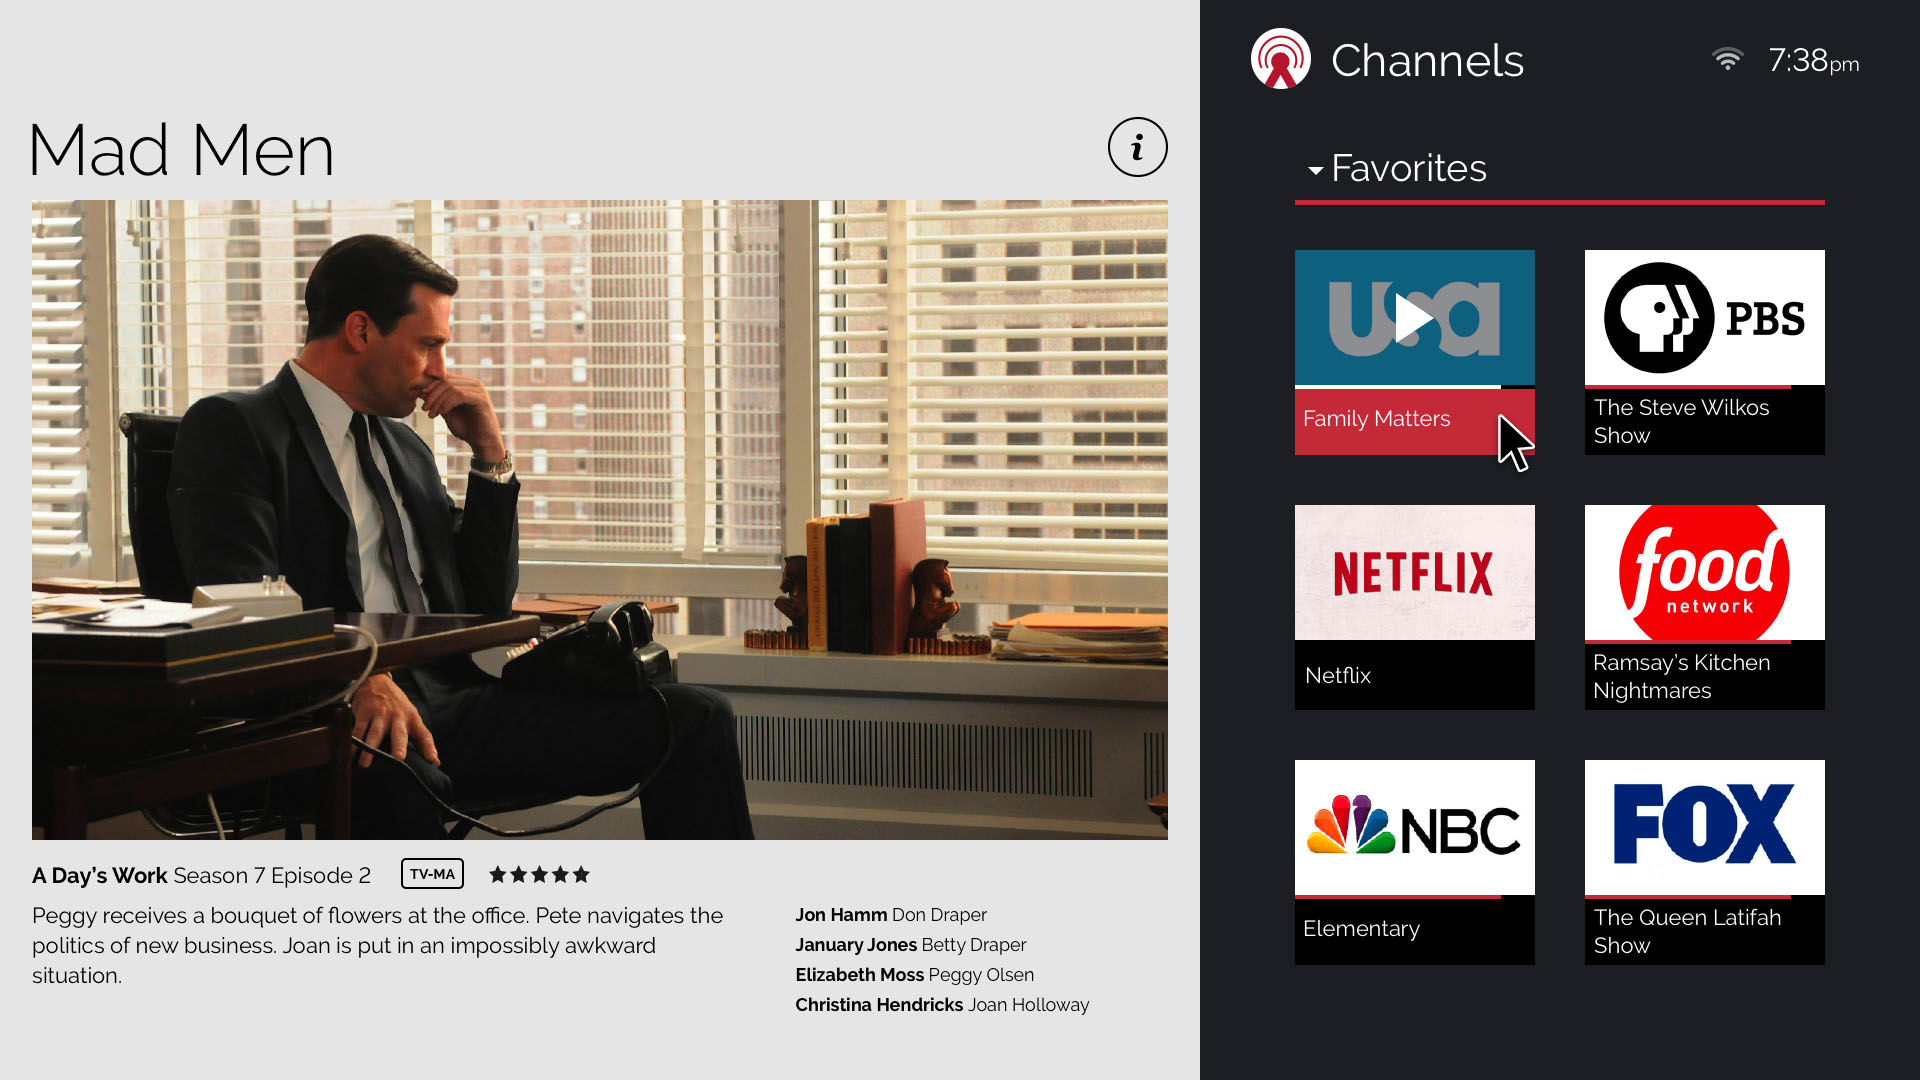 Channels_Peek_0001_Channel Focus.jpg